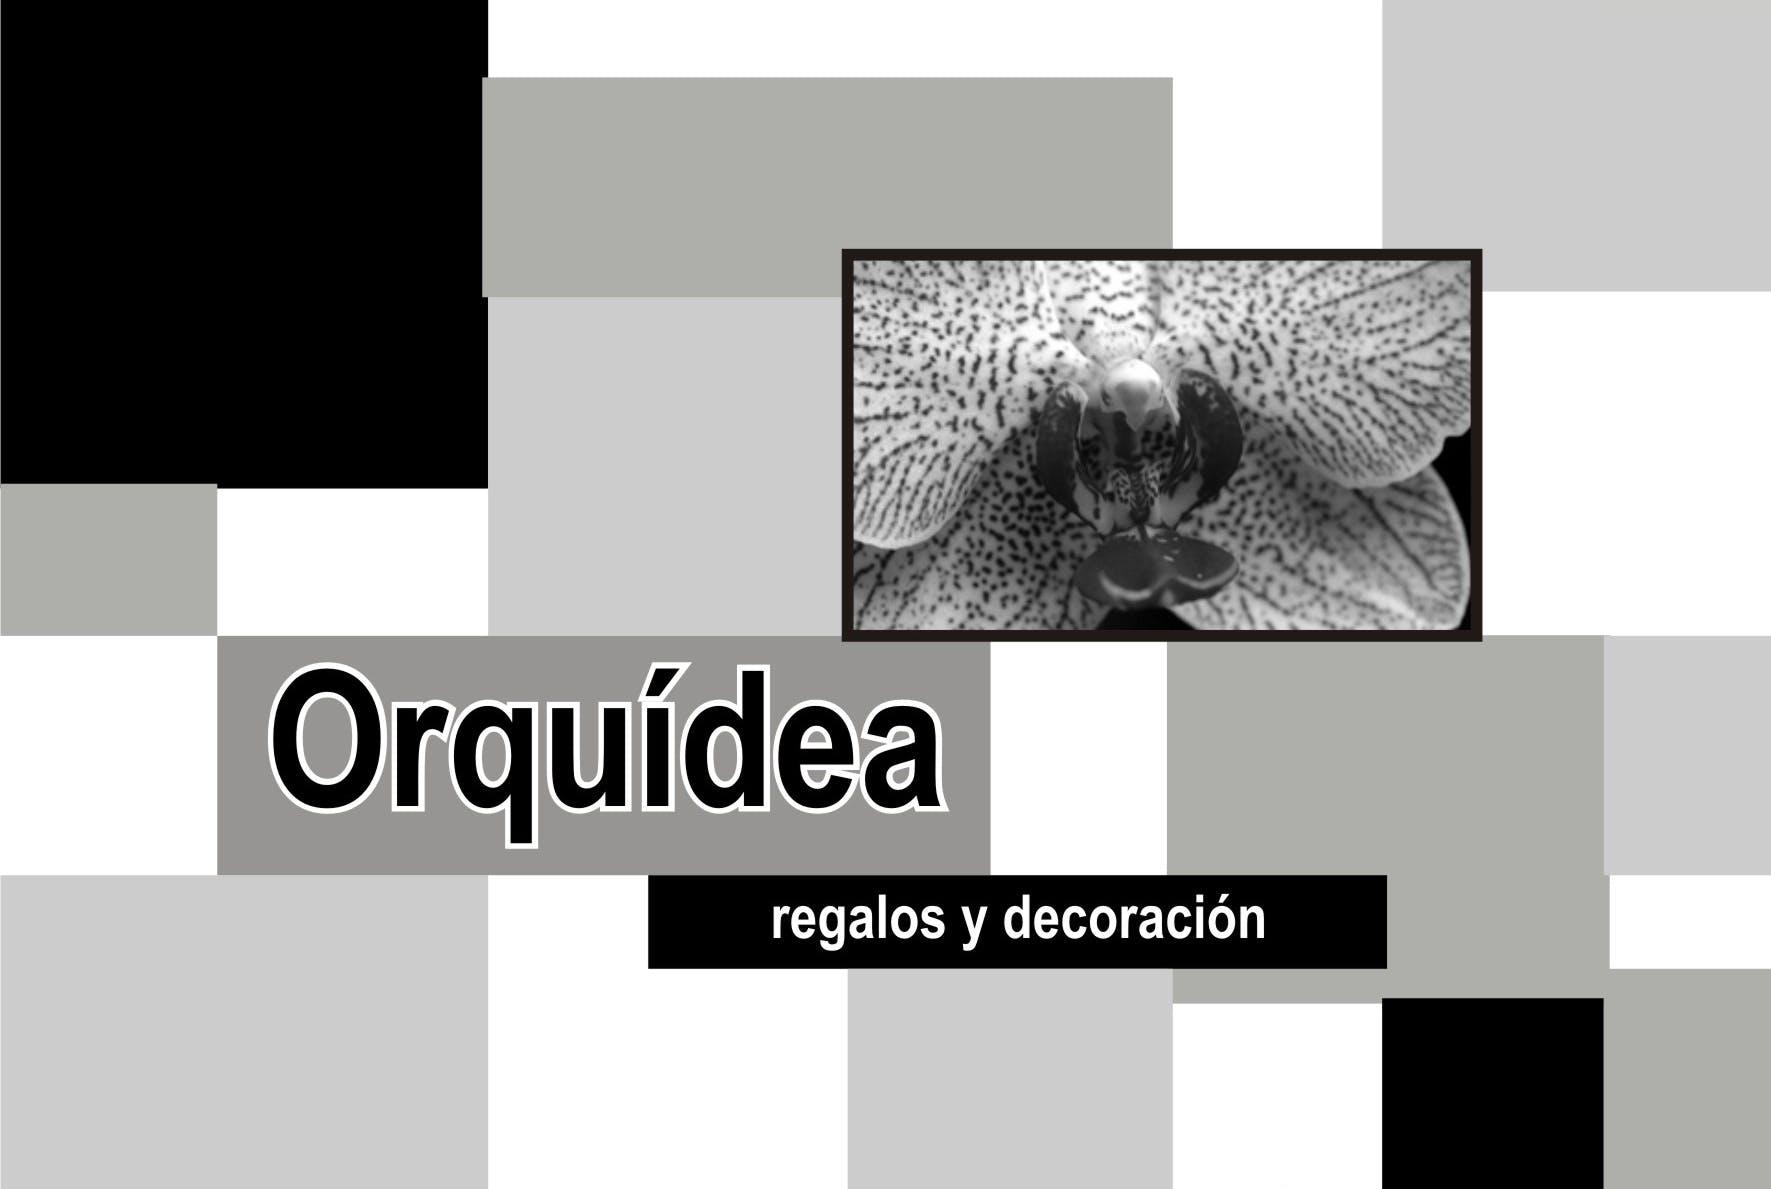 LOGO ORQUIEDEA Y DECOTRACION